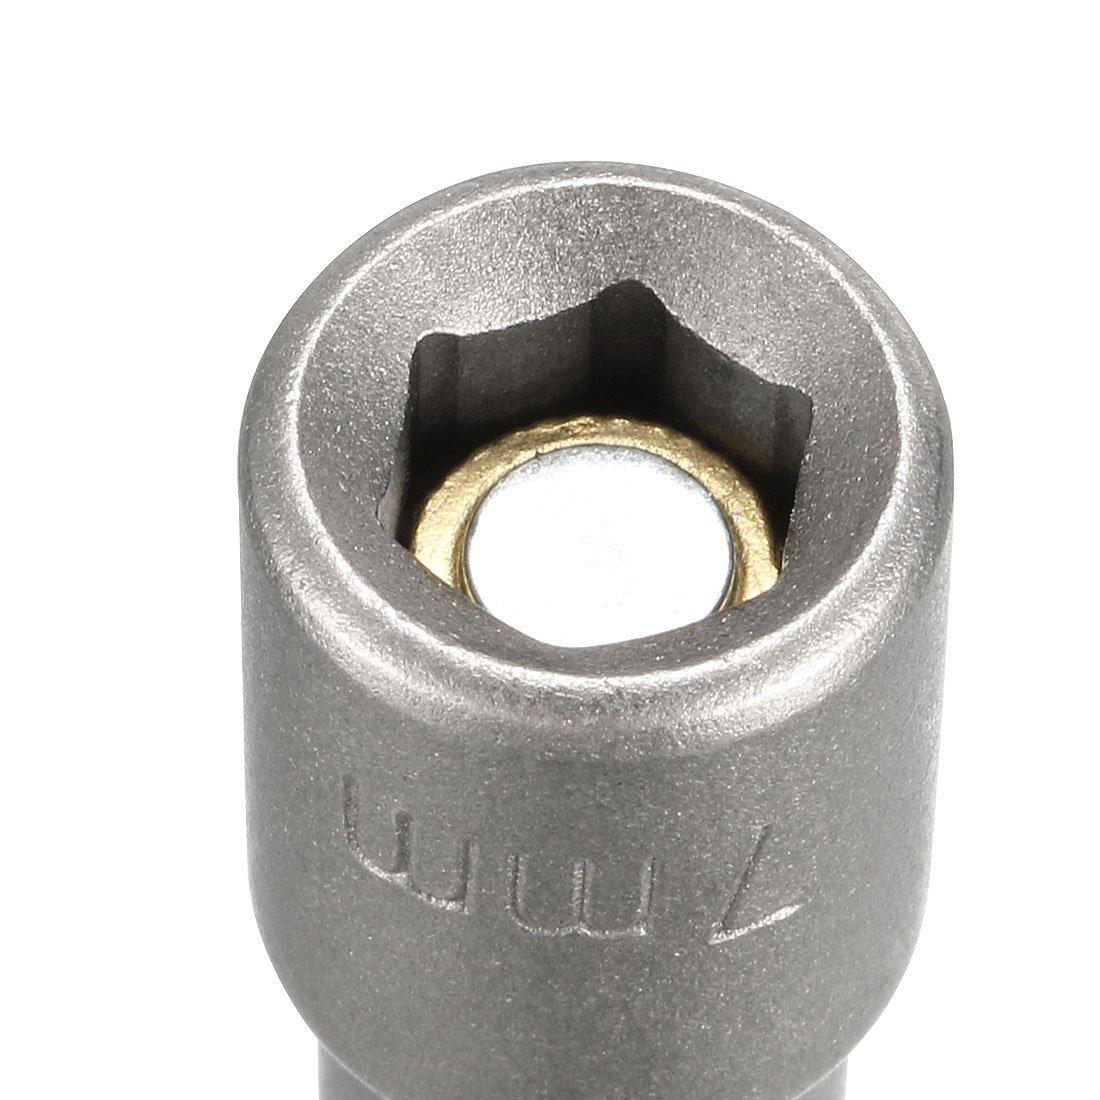 2.5 Length sourcingmap 1//4 Inch Quick Change Shank Cr-V 18mm Magnetic Nut Setter